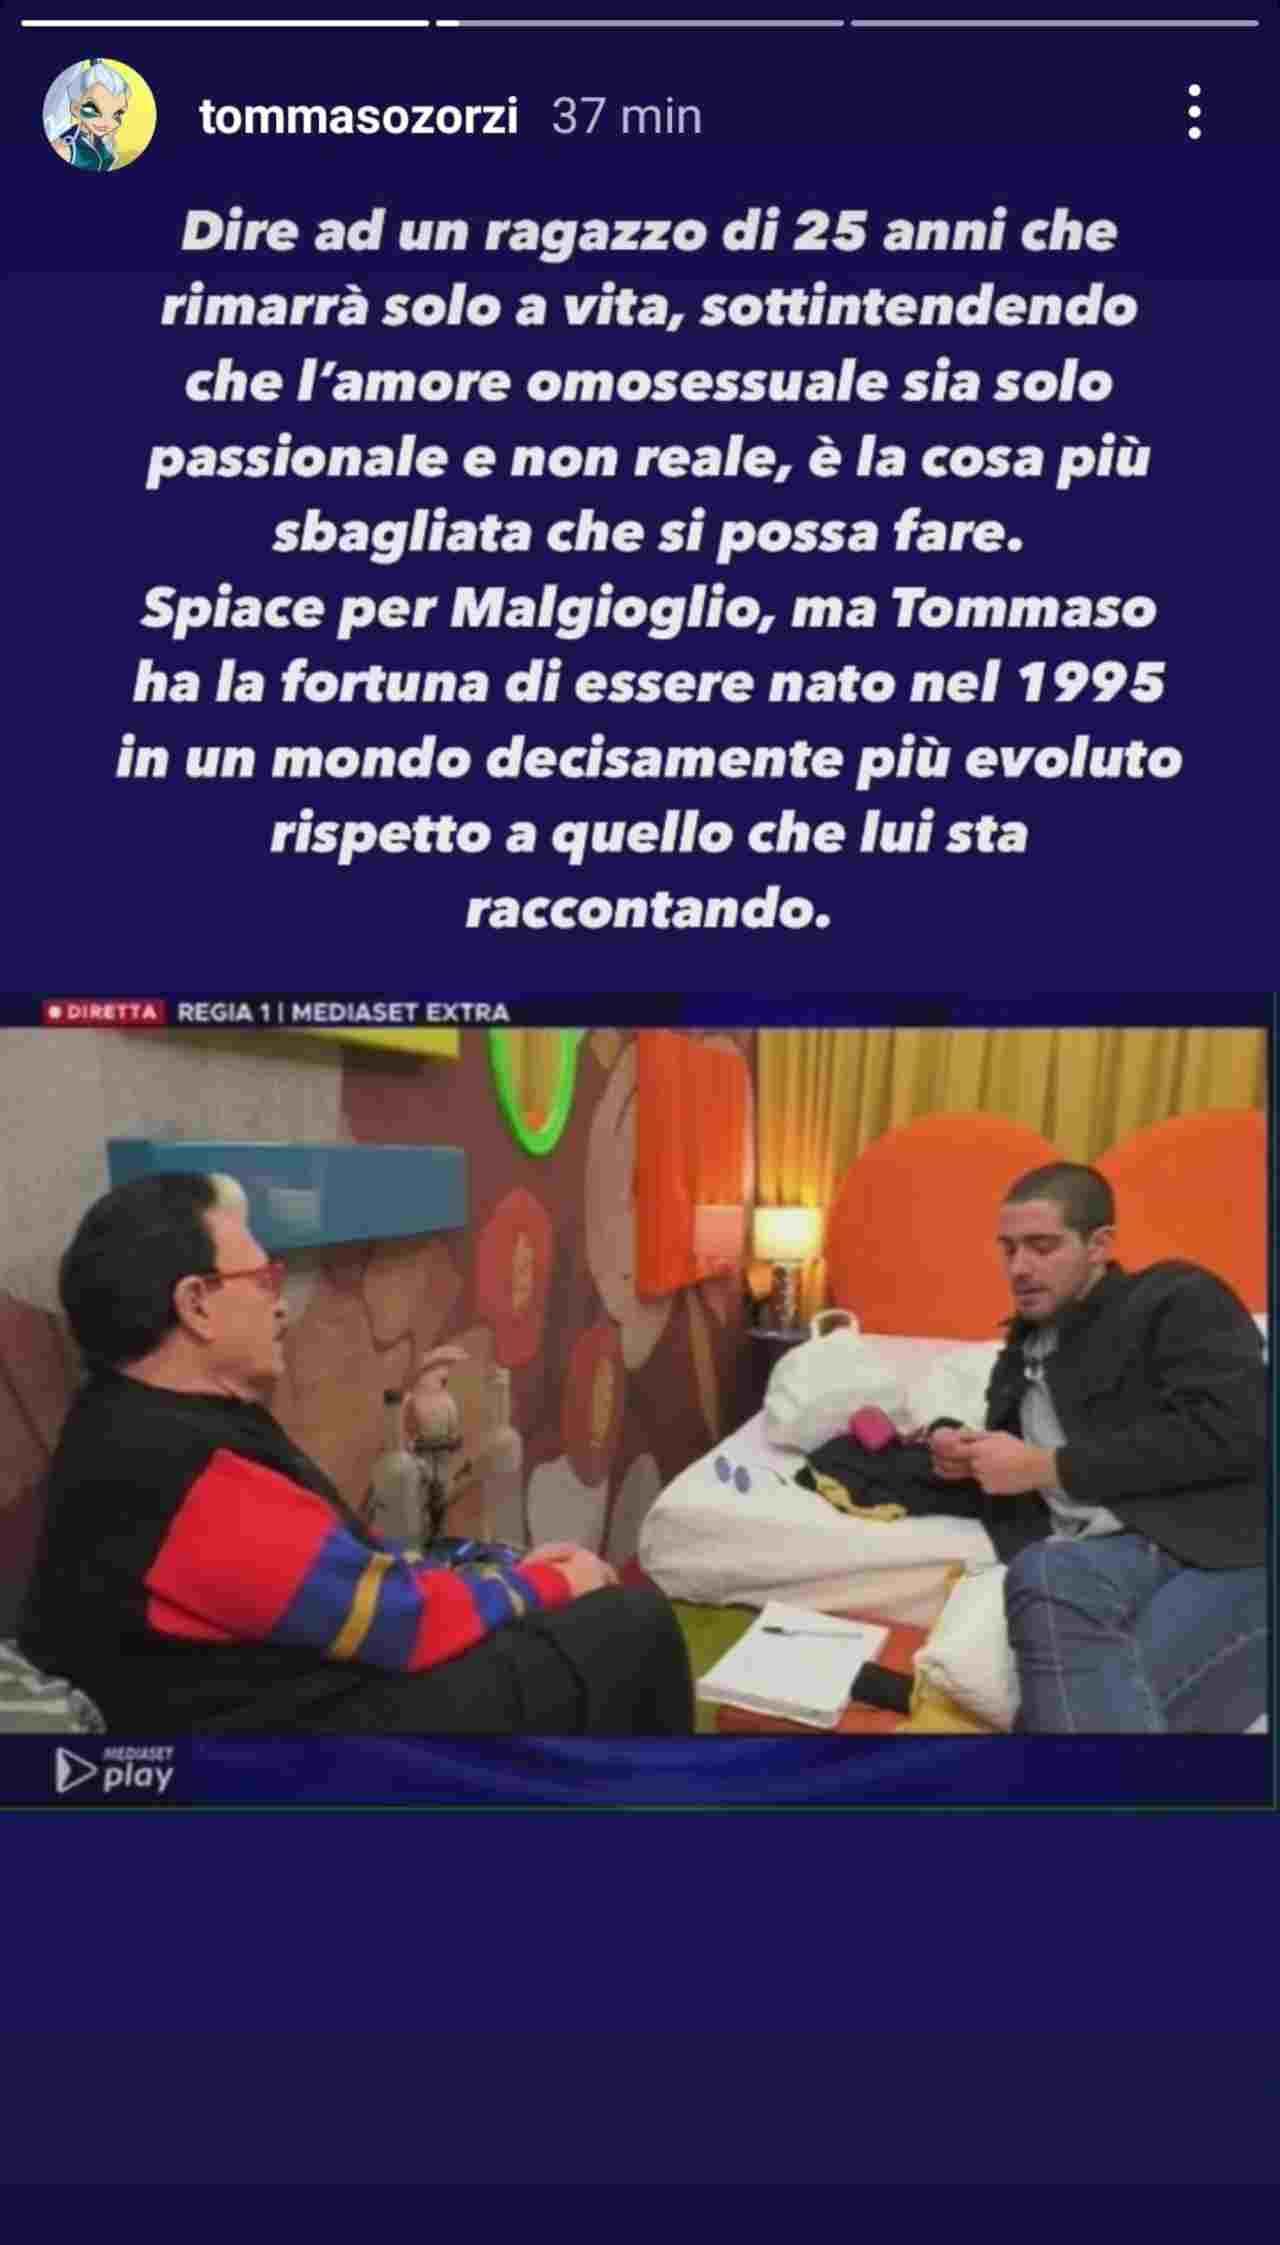 Tommaso Zorzi e Cristiano Malgioglio